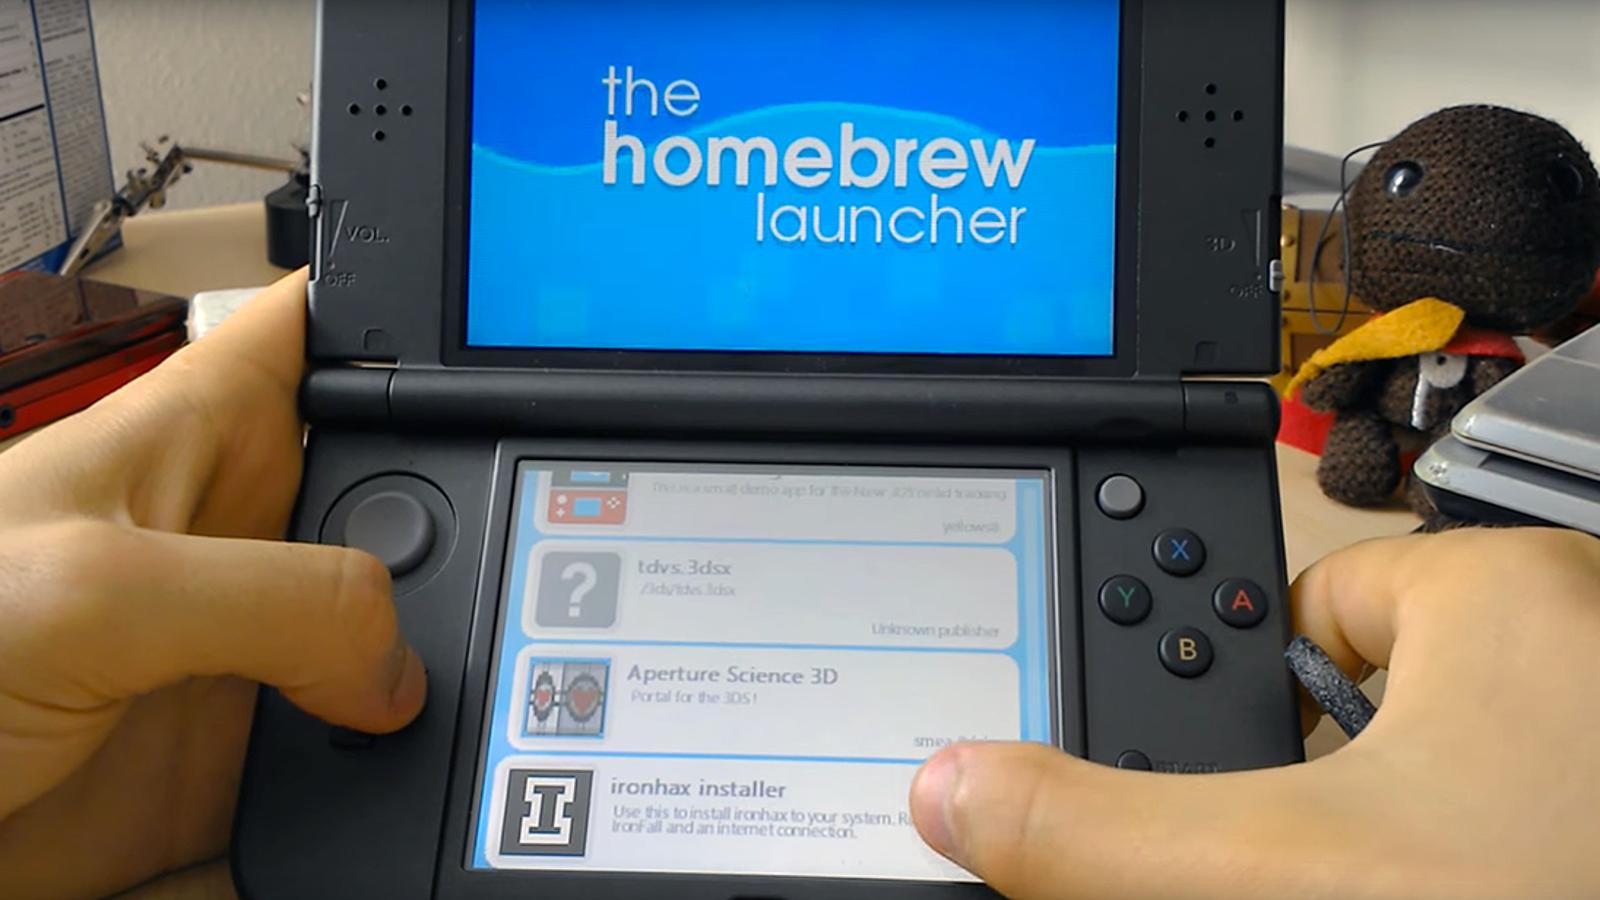 Un fallo en la app de Youtube permite instalar juegos no oficiales en la 3DS